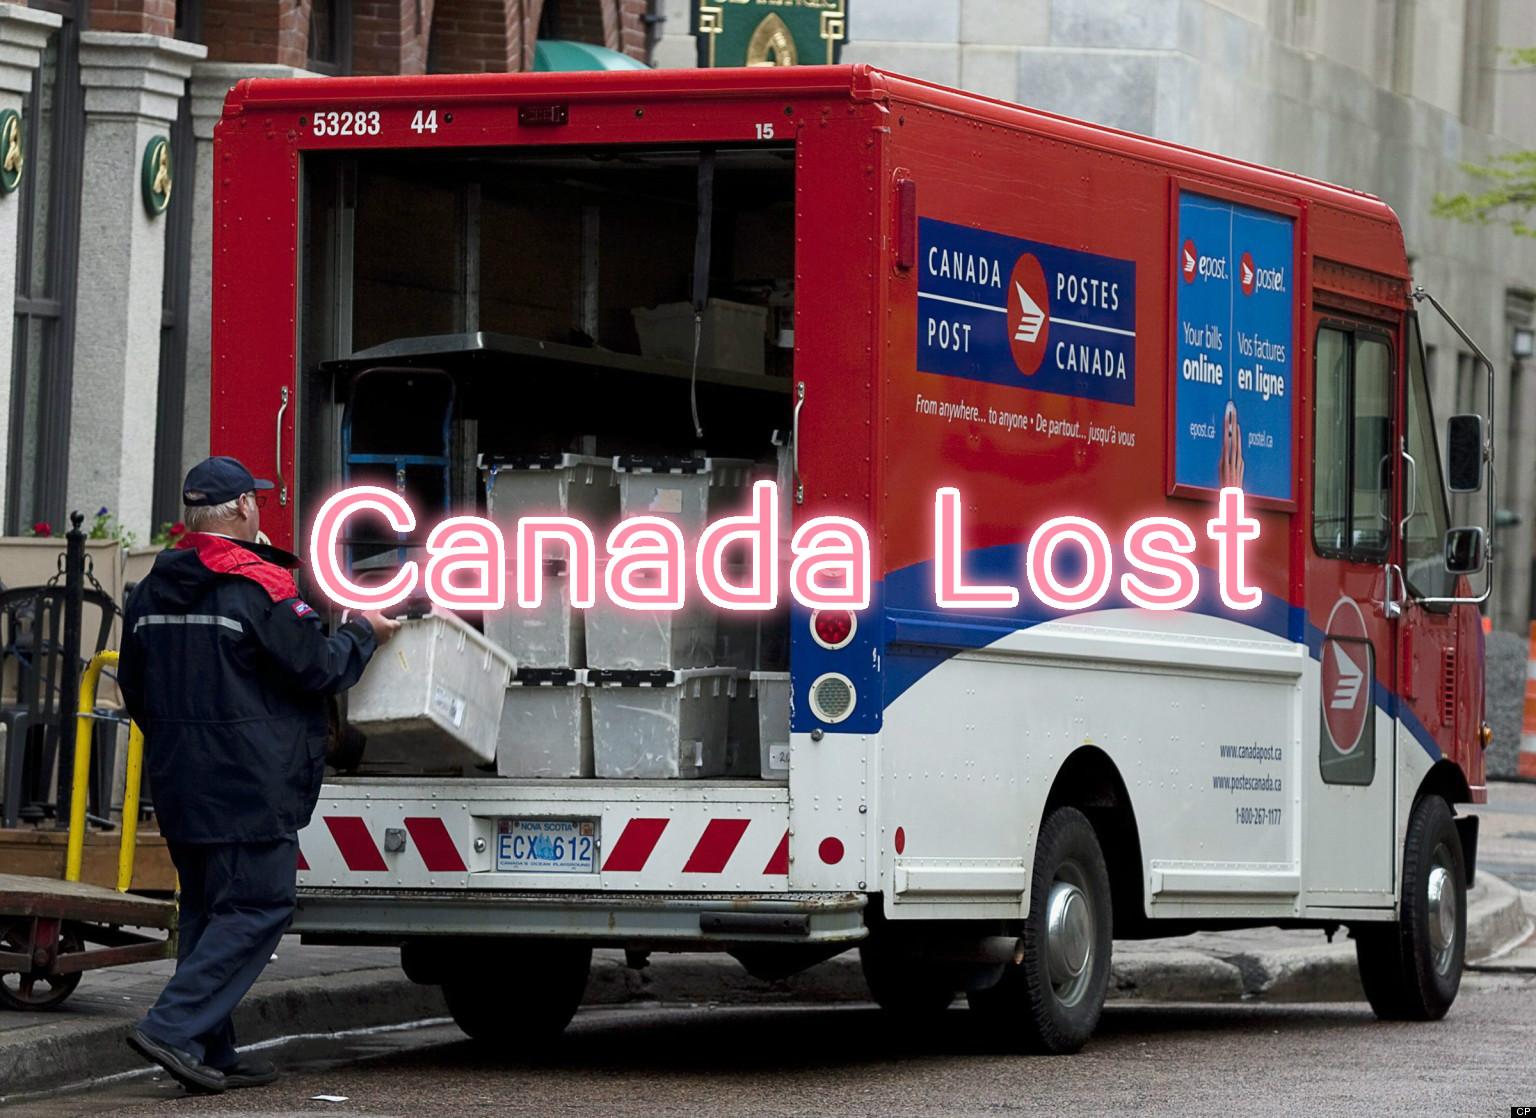 蜜汁加拿大。那么多不可理解。可我就是愛你 - 移民新聞 - 溫哥華天空 - Vanskyca